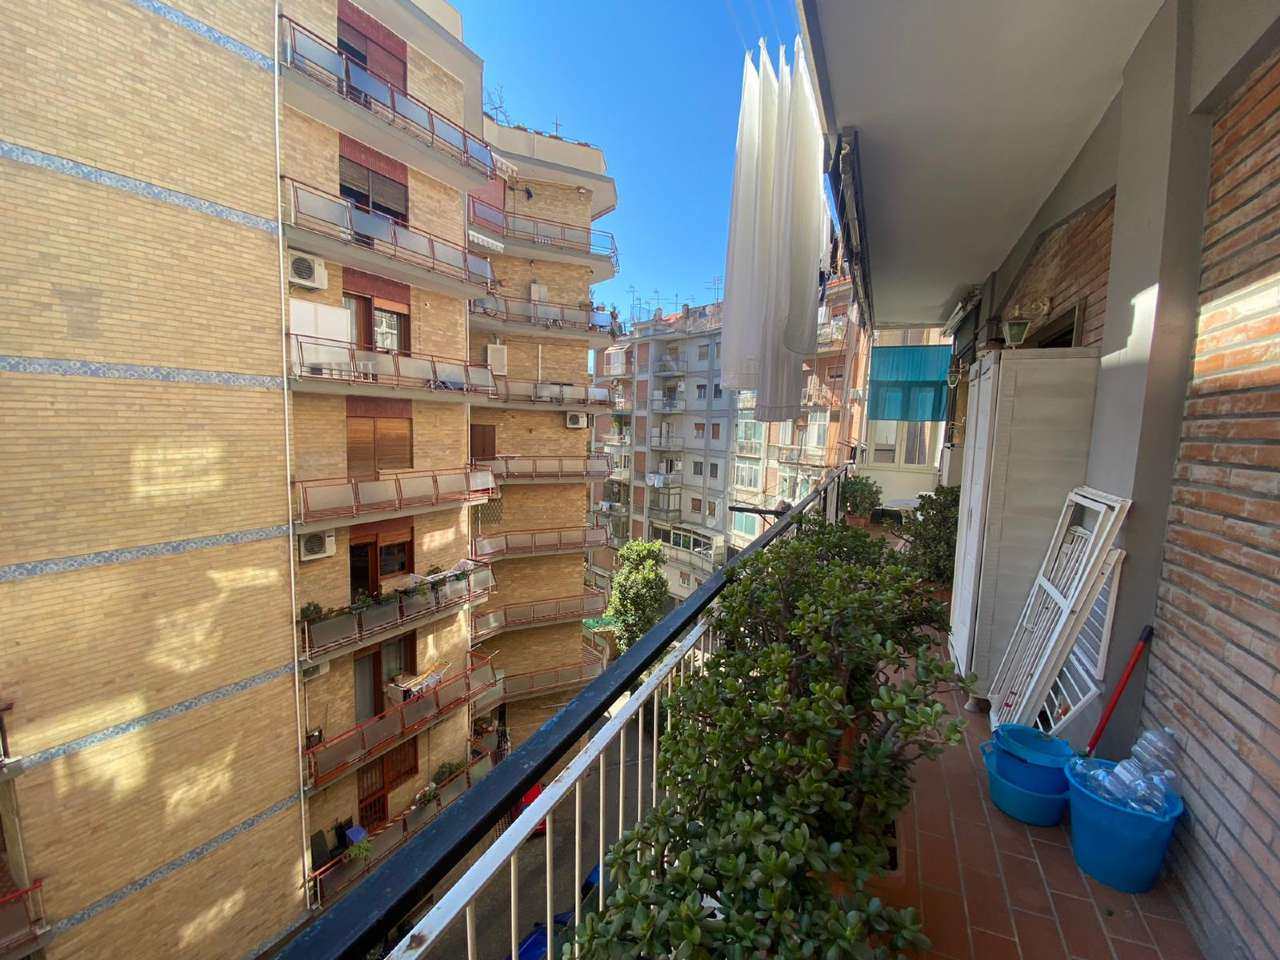 Appartamento, Via Francesco Cilea, Zona Vomero, Napoli, foto 18